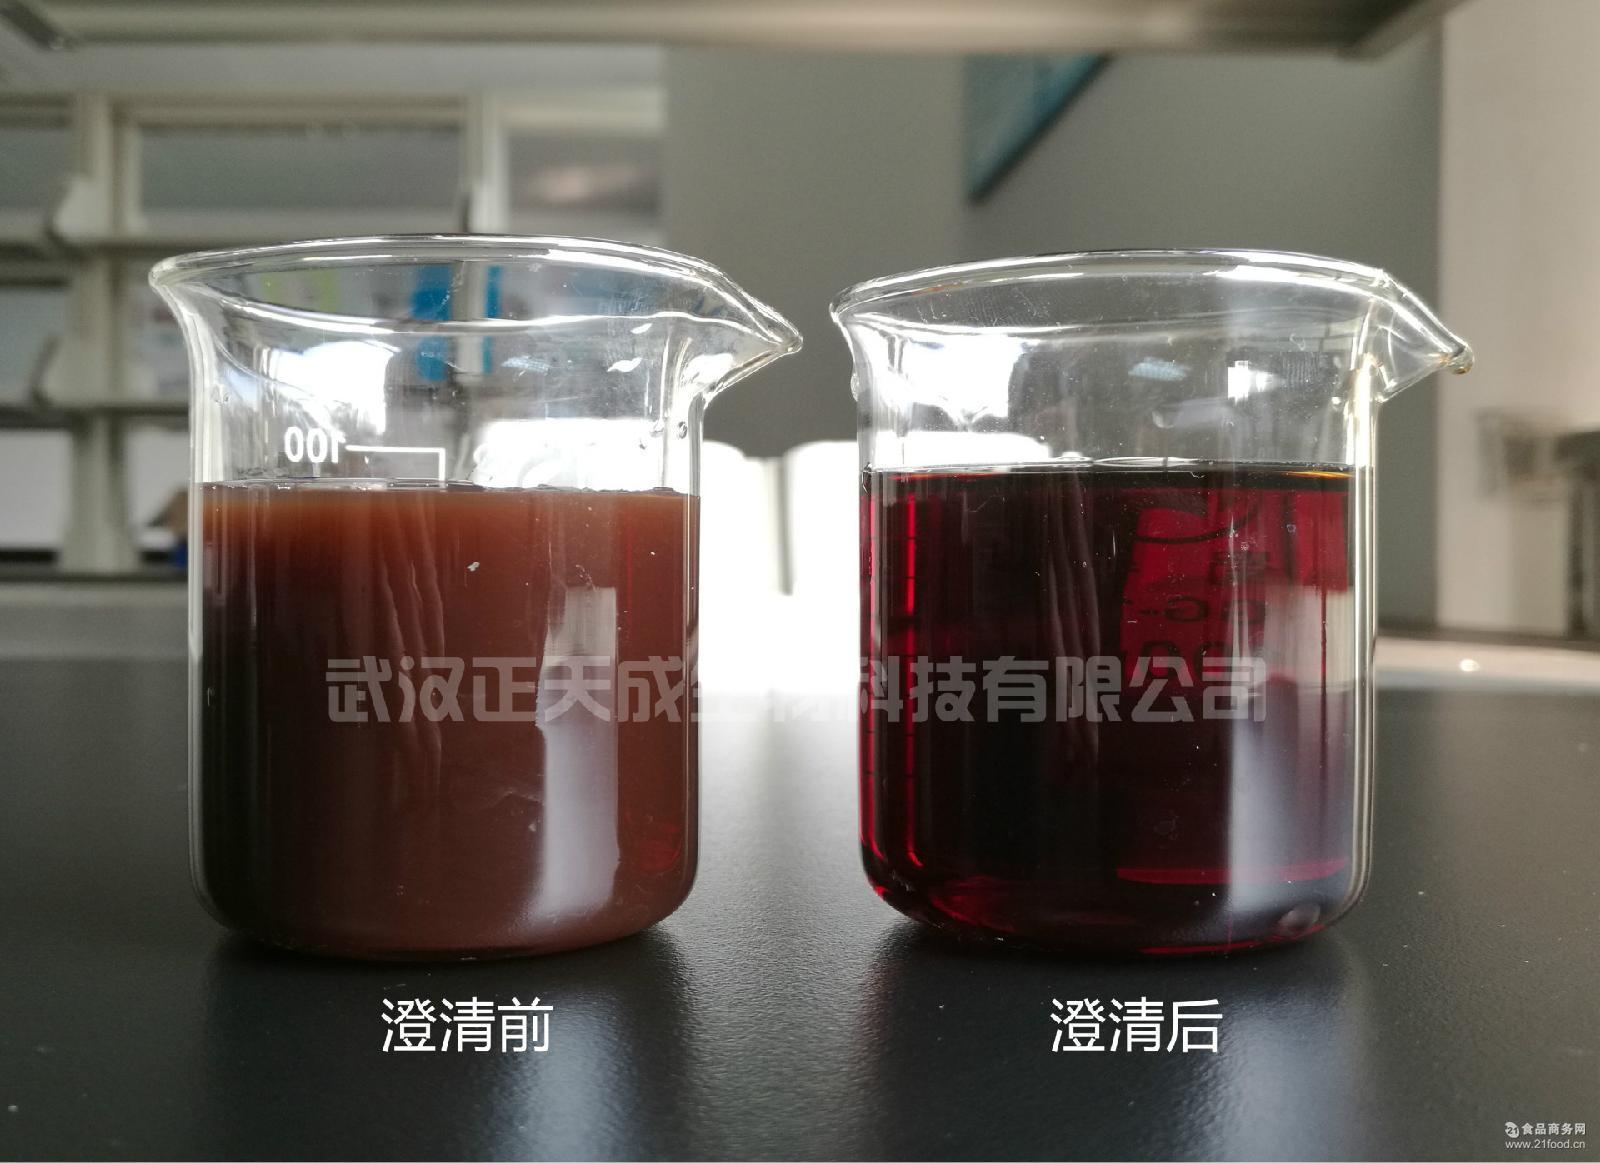 厂家供应ZTC1+1食品级天然保健酒药酒澄清剂使用简单方便快捷